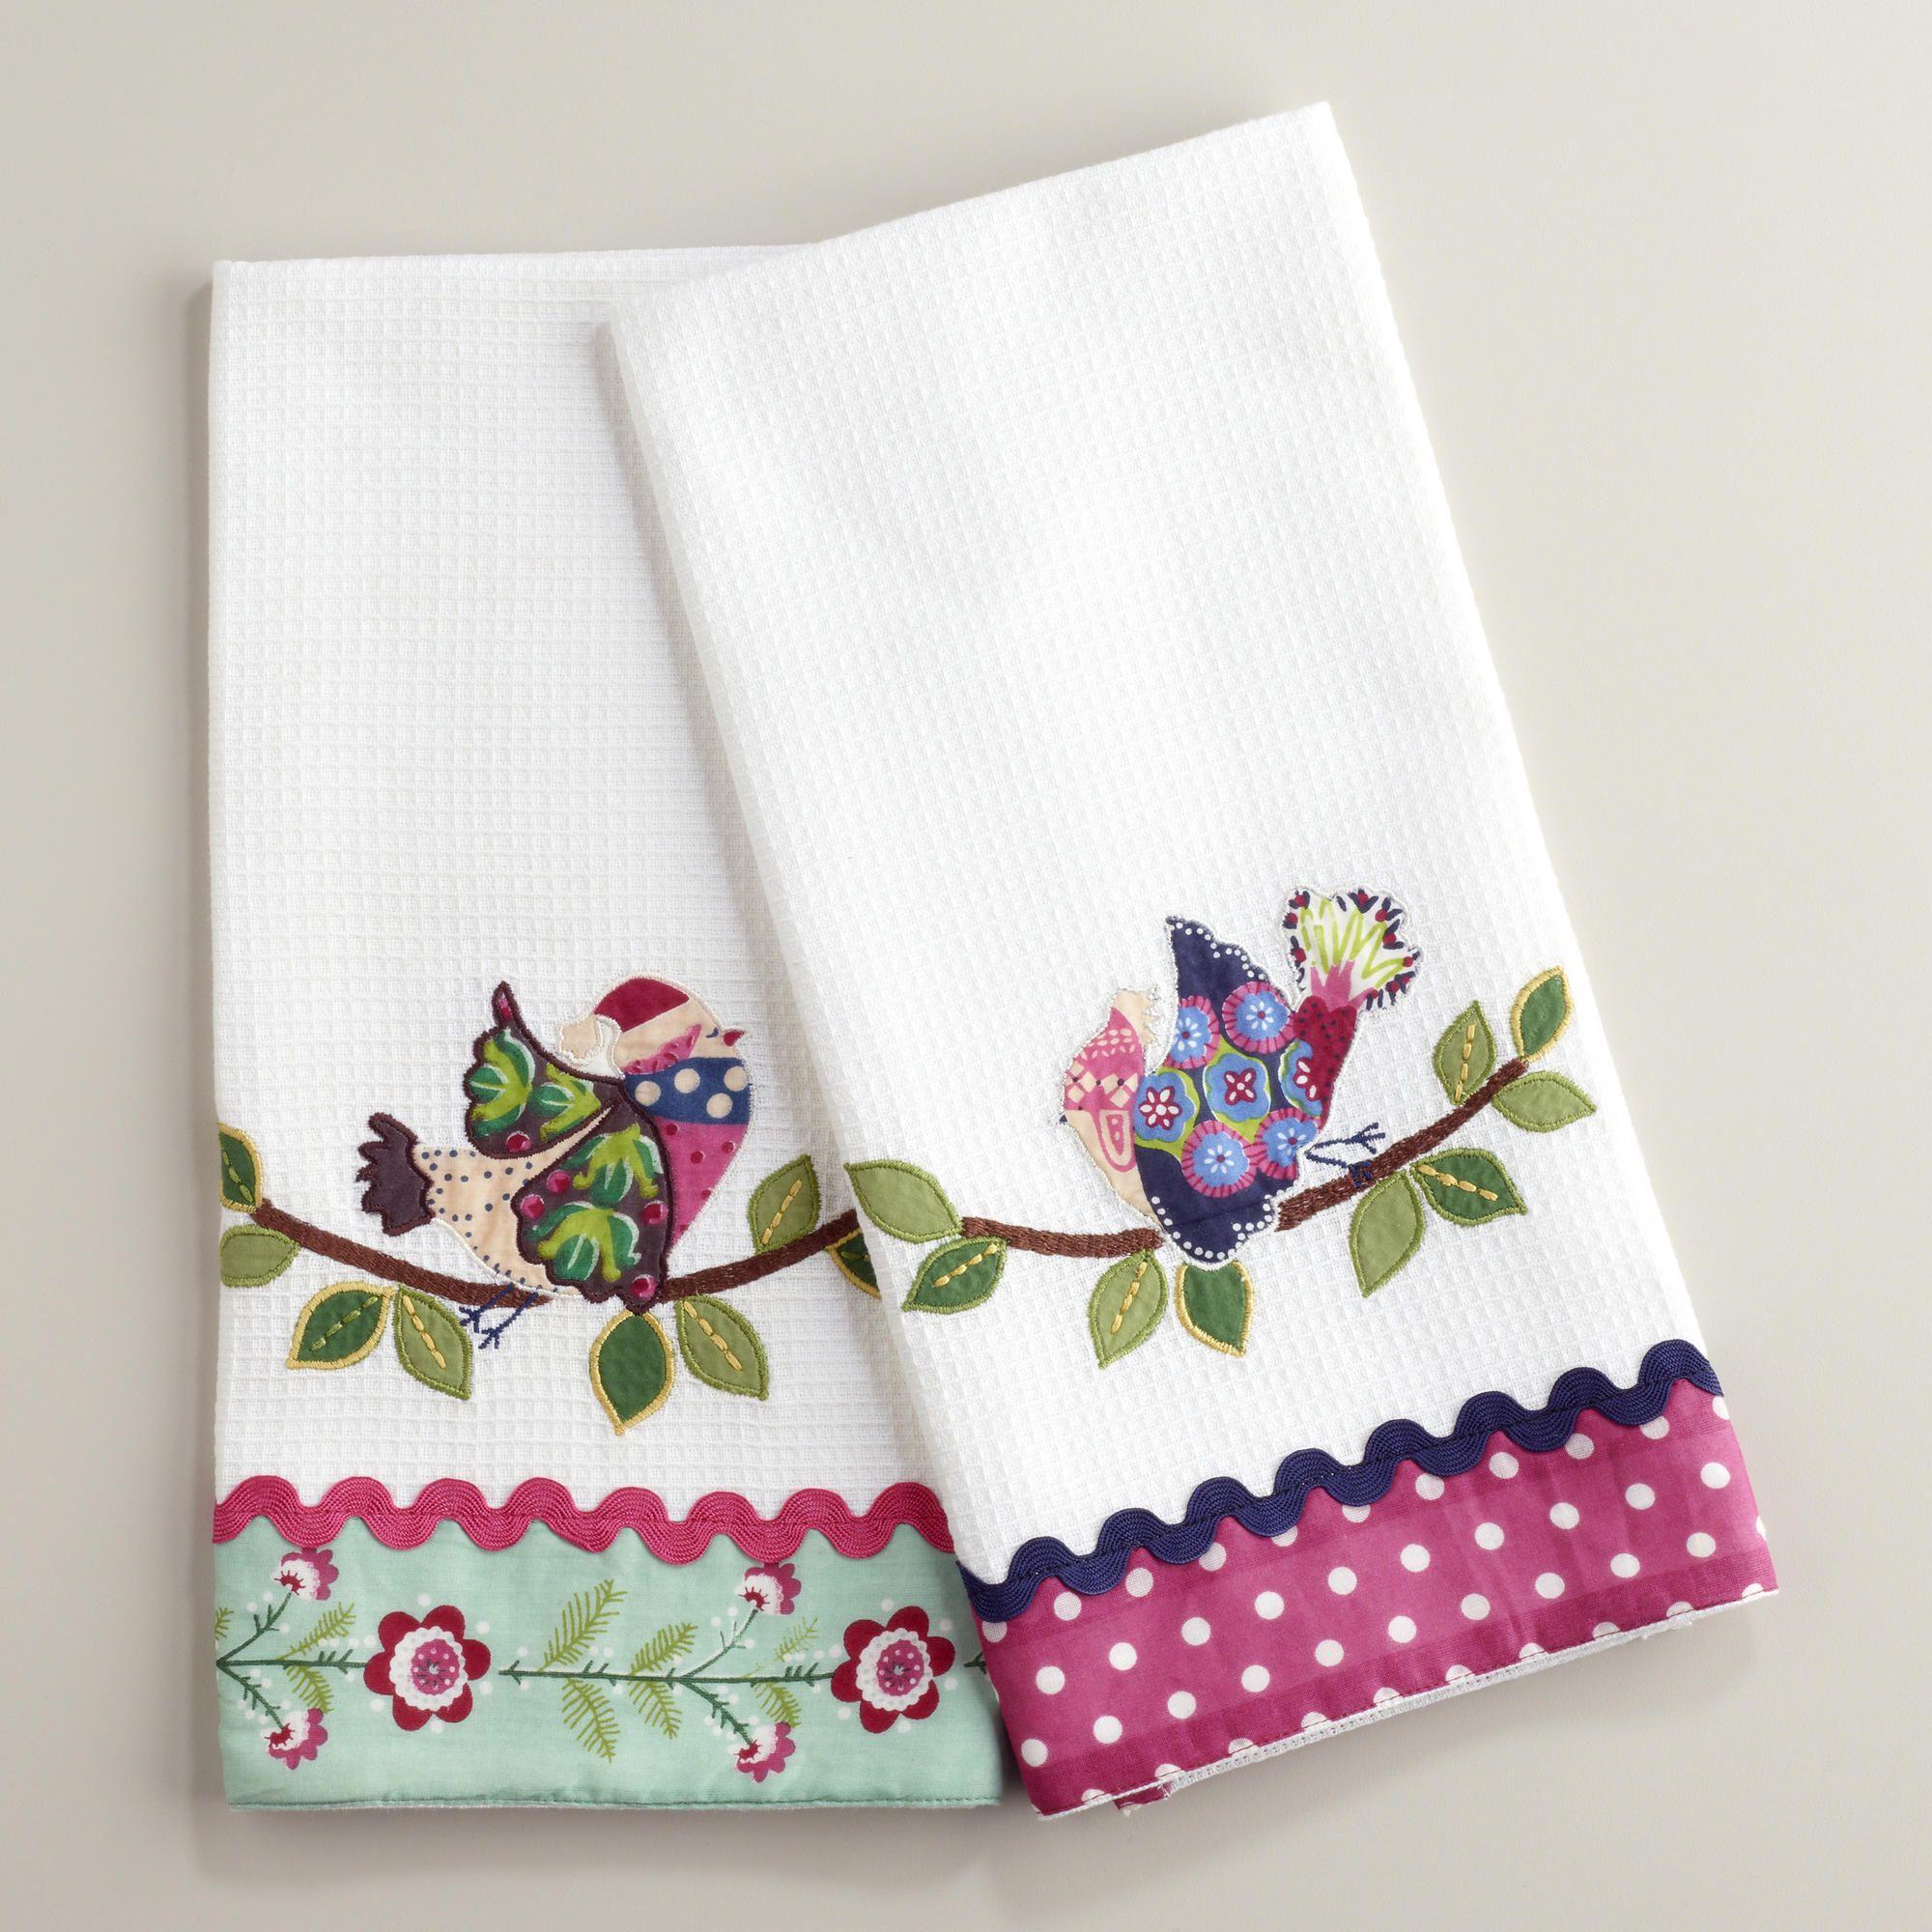 Pa os de cocina y toallas blanqueria pinterest for Apliques para toallas